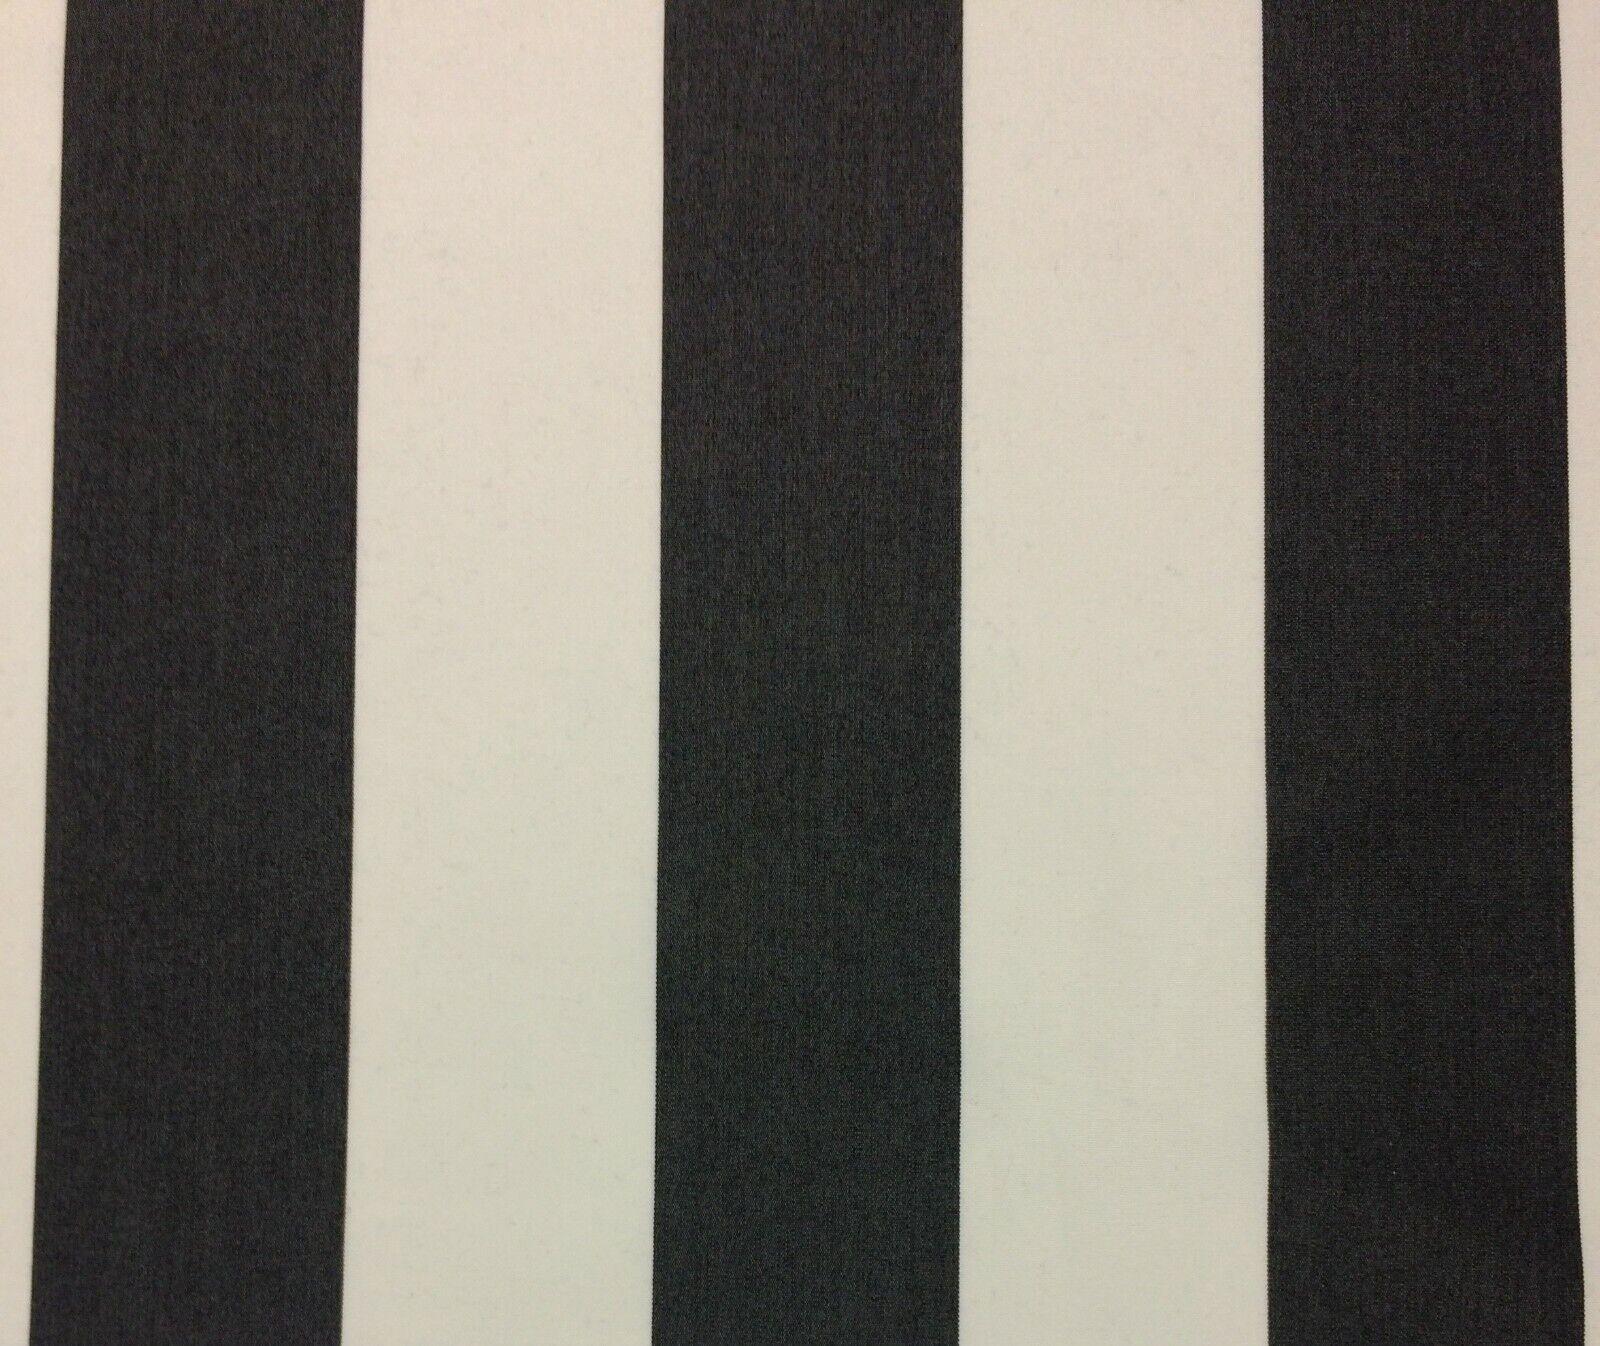 SUNBRELLA EXPEDITION CLASSIC BLACK WHITE STRIPE FURNITURE FA